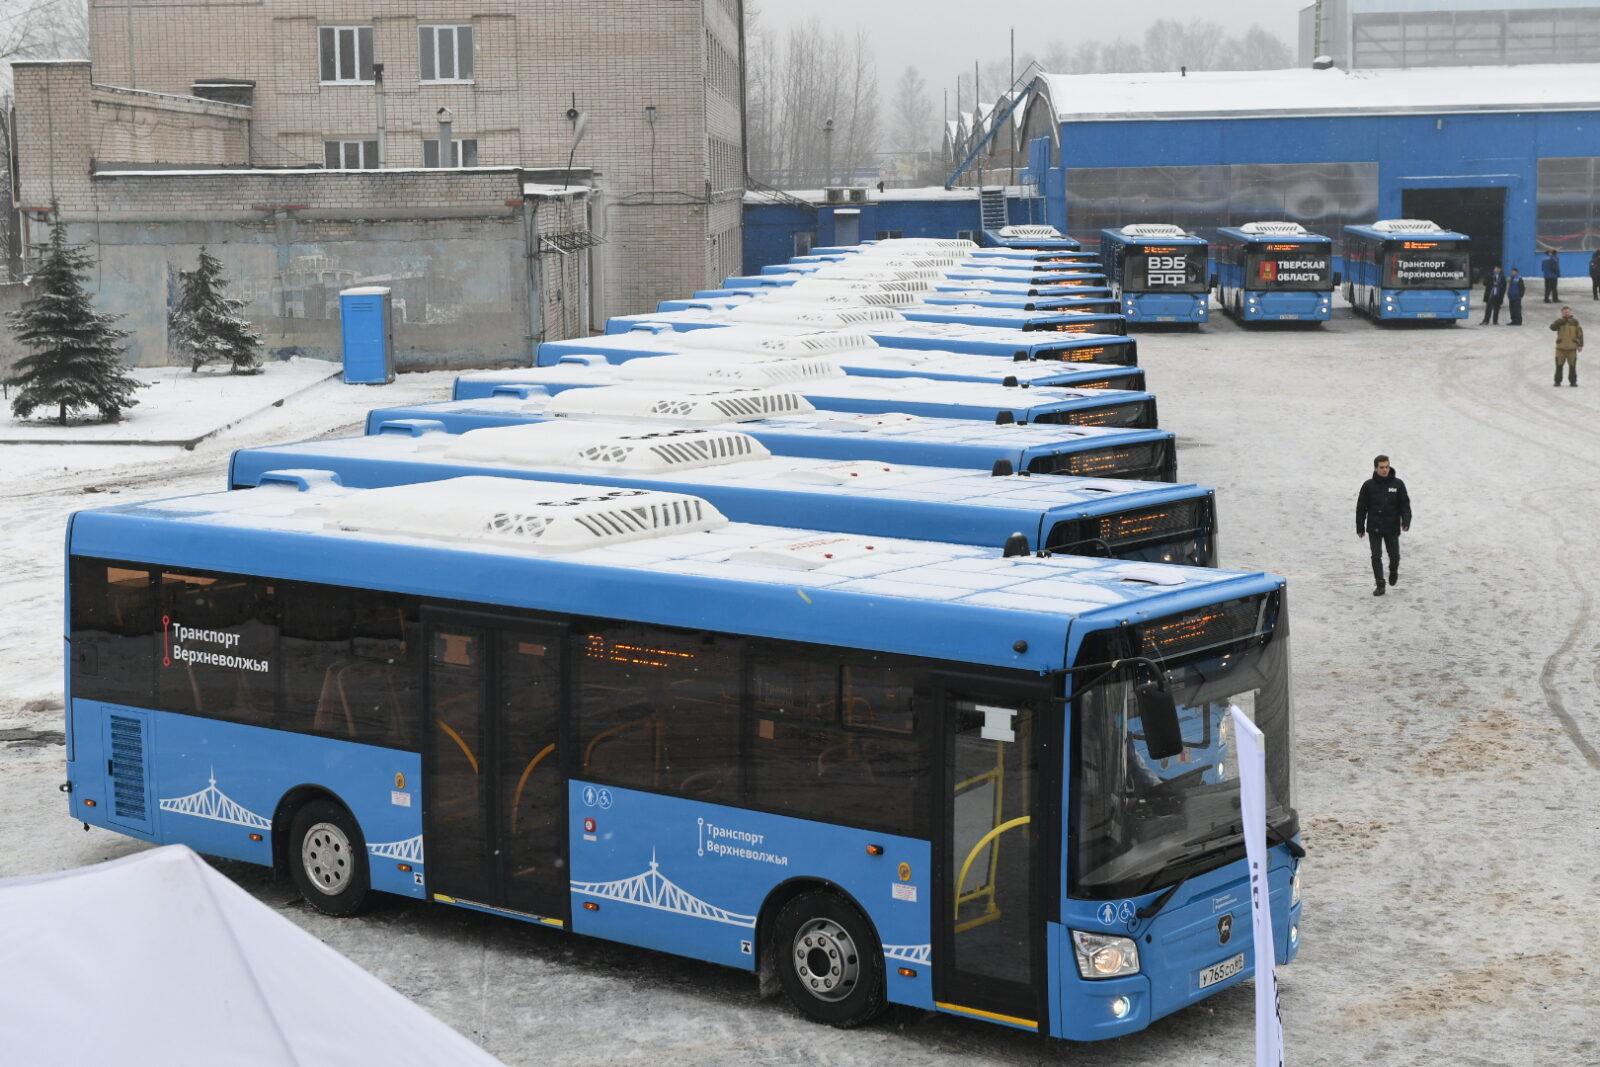 Губернатору показали новые тверские автобусы, готовые к выходу на маршруты